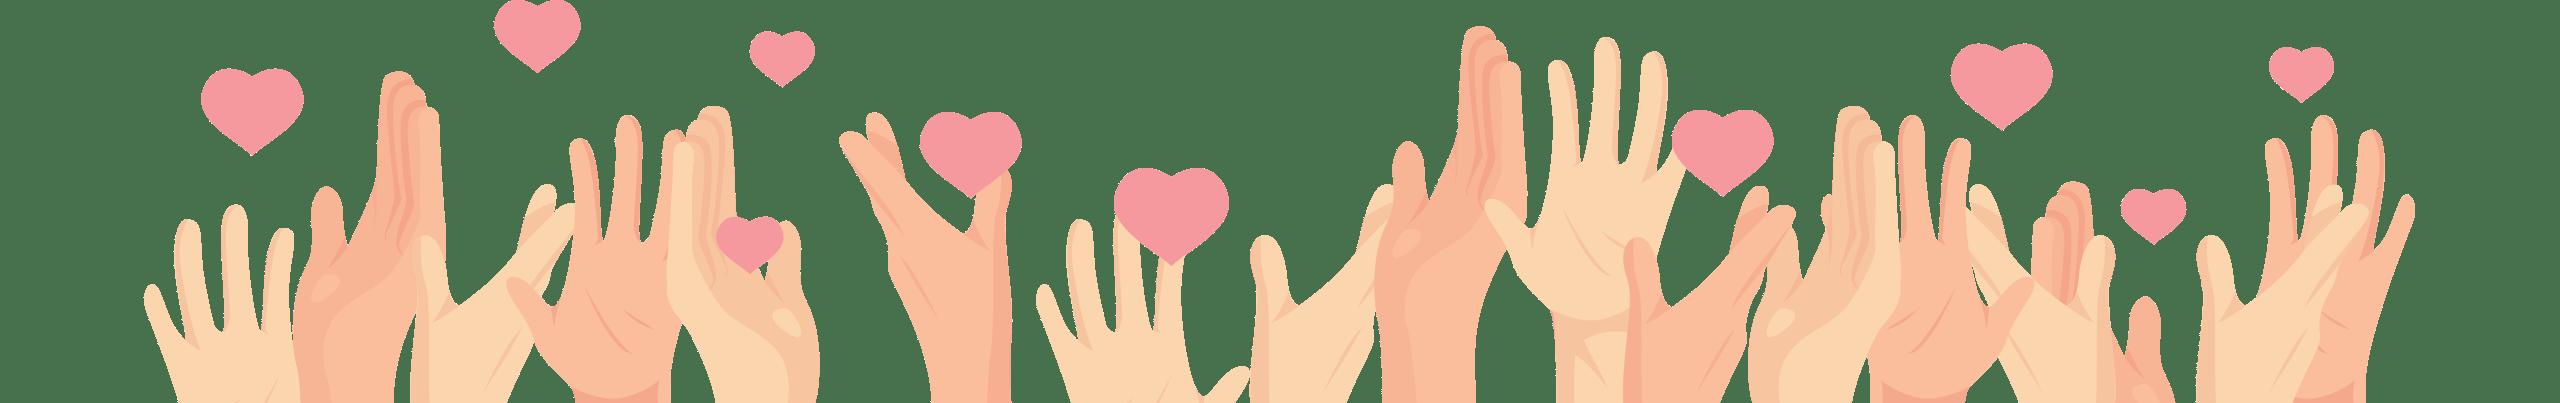 Mains en l'air avec des coeurs